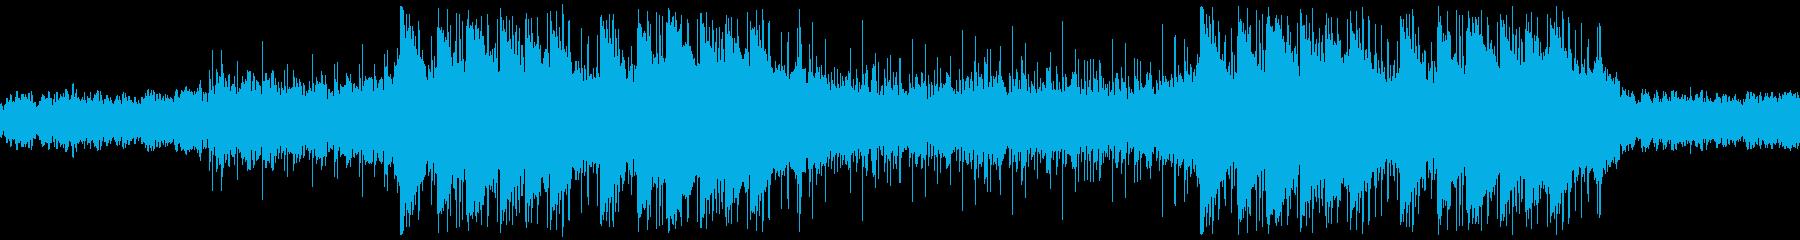 エレクトロニック 静か adver...の再生済みの波形